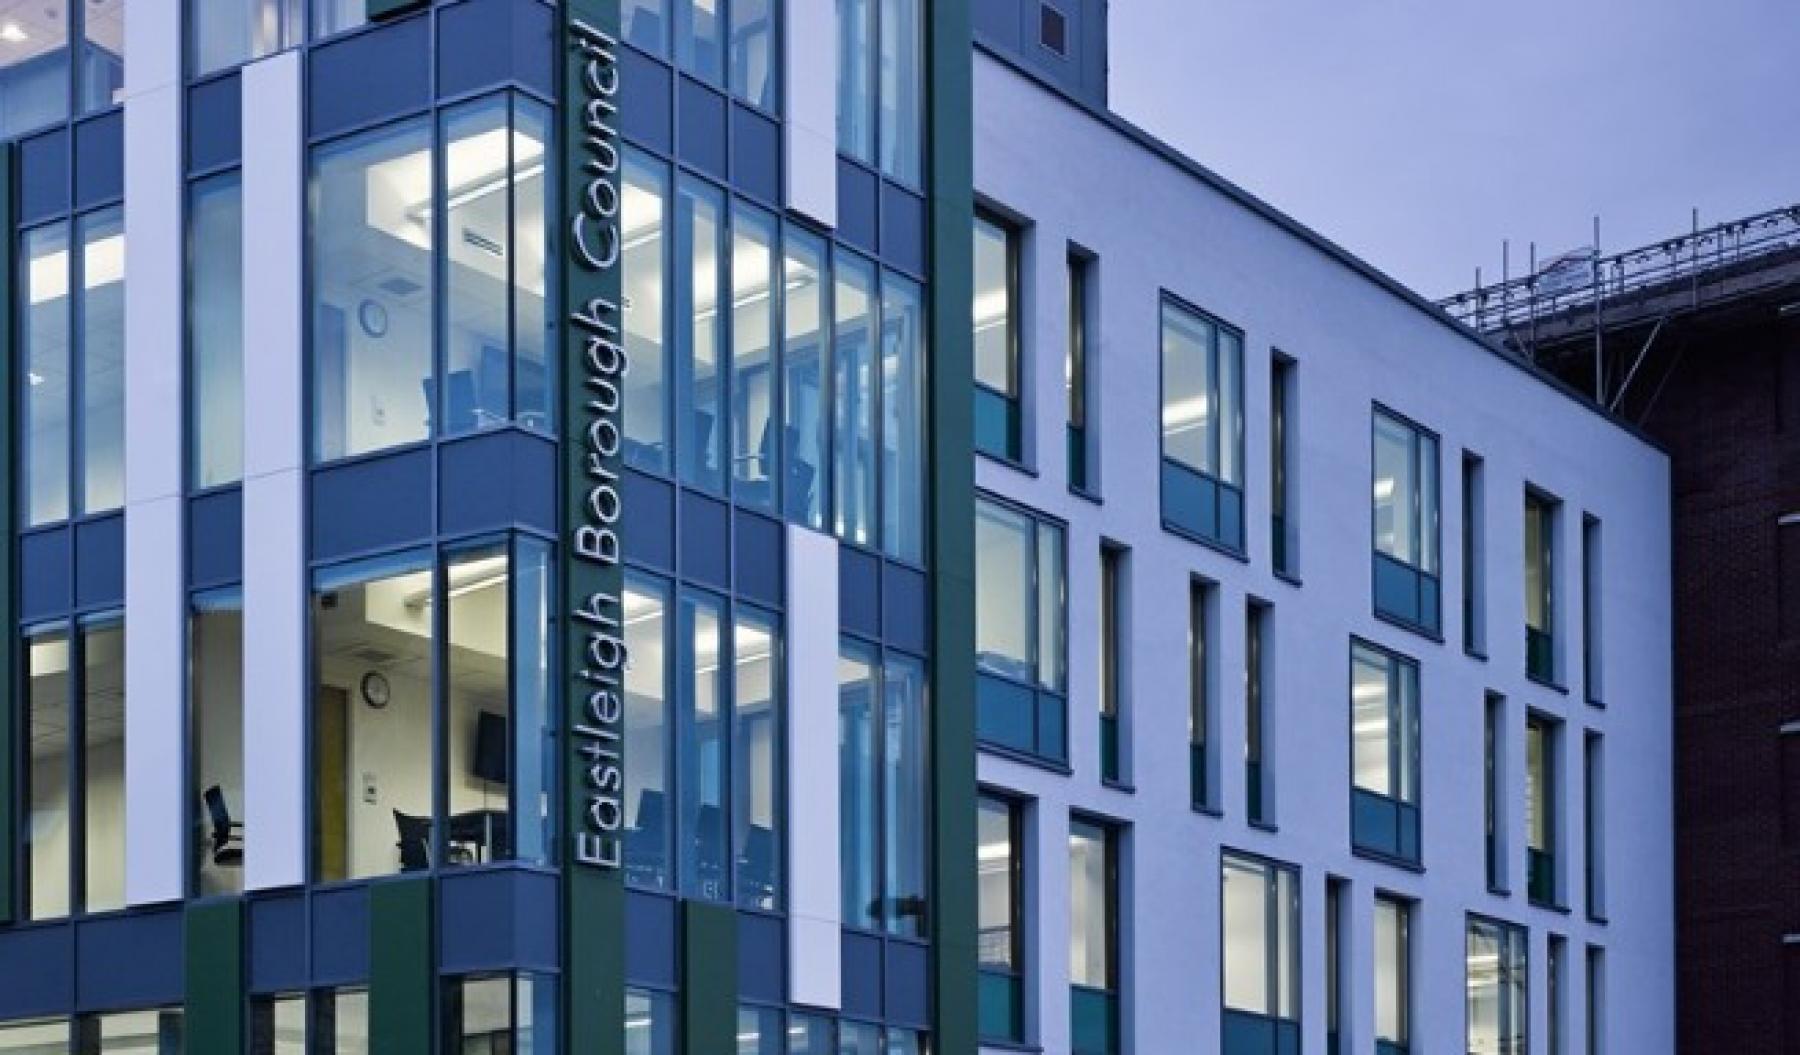 The Eastleigh Borough Council offices.